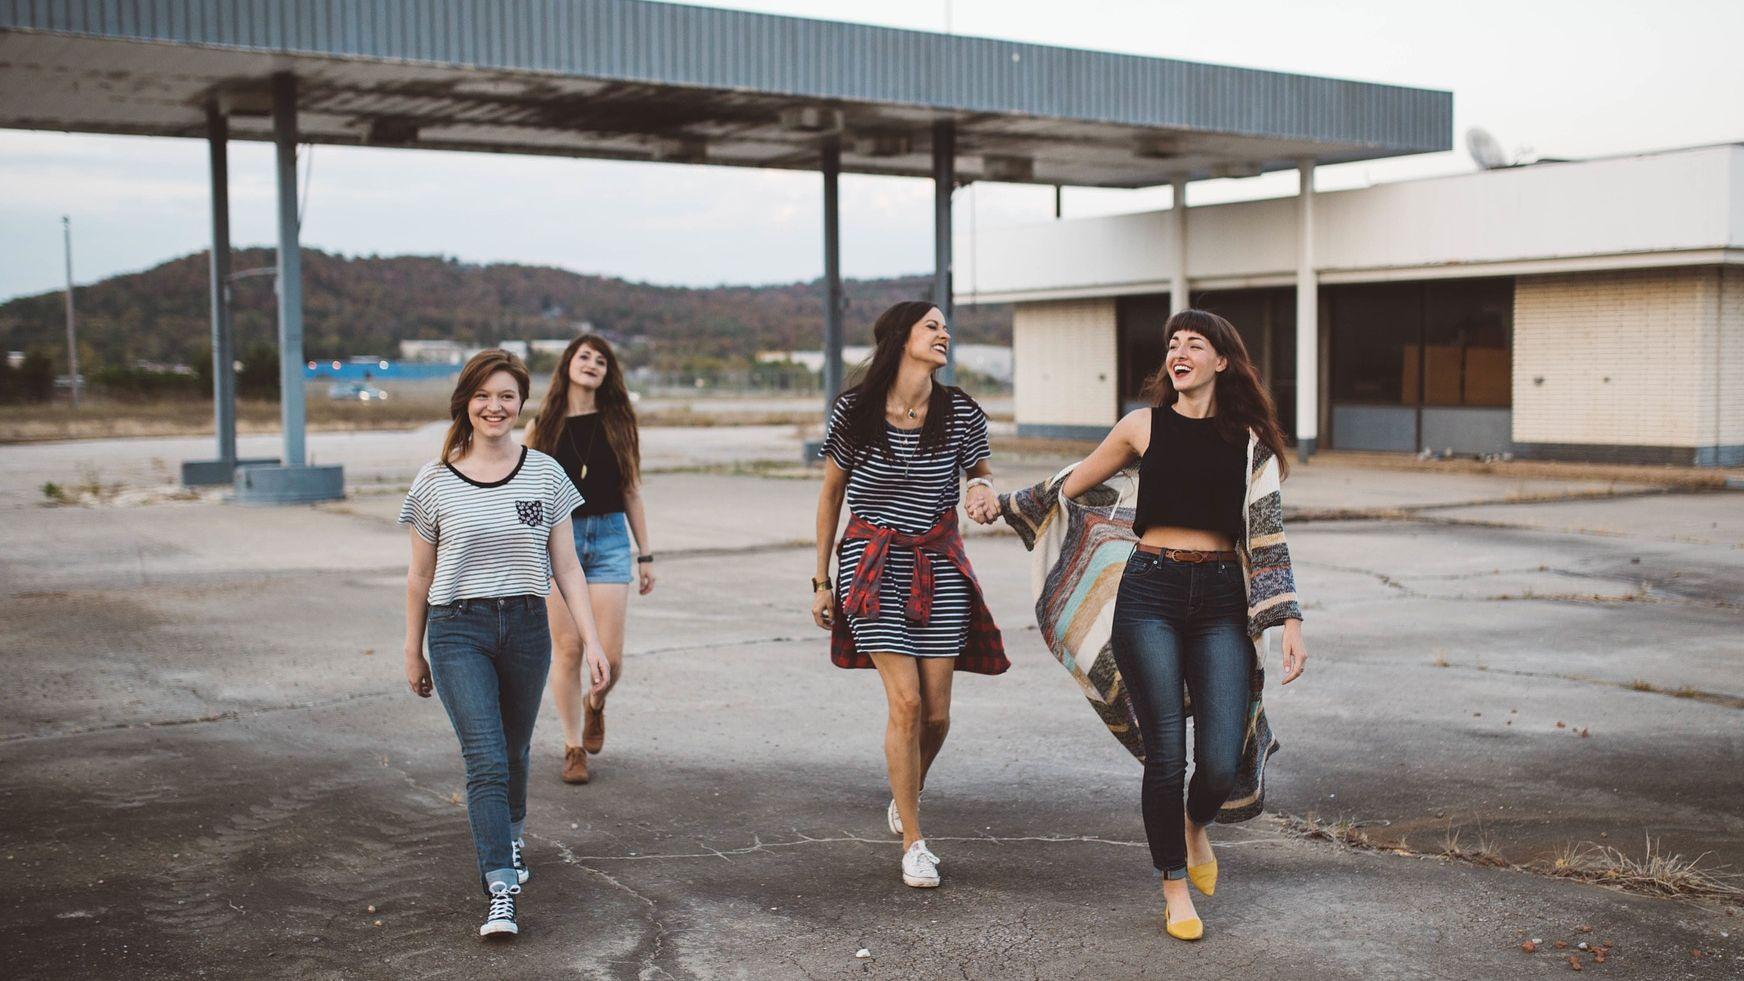 Themenspecial Generation Z: Warum die Generation Z offline nicht zu ersetzen ist